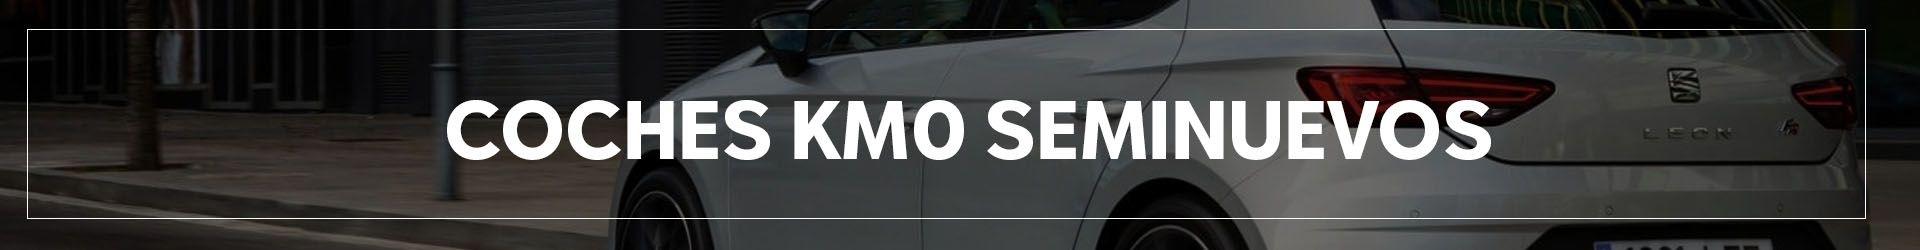 KM0 SEMINUEVOS | Automocion Terry Concesionario Cadiz